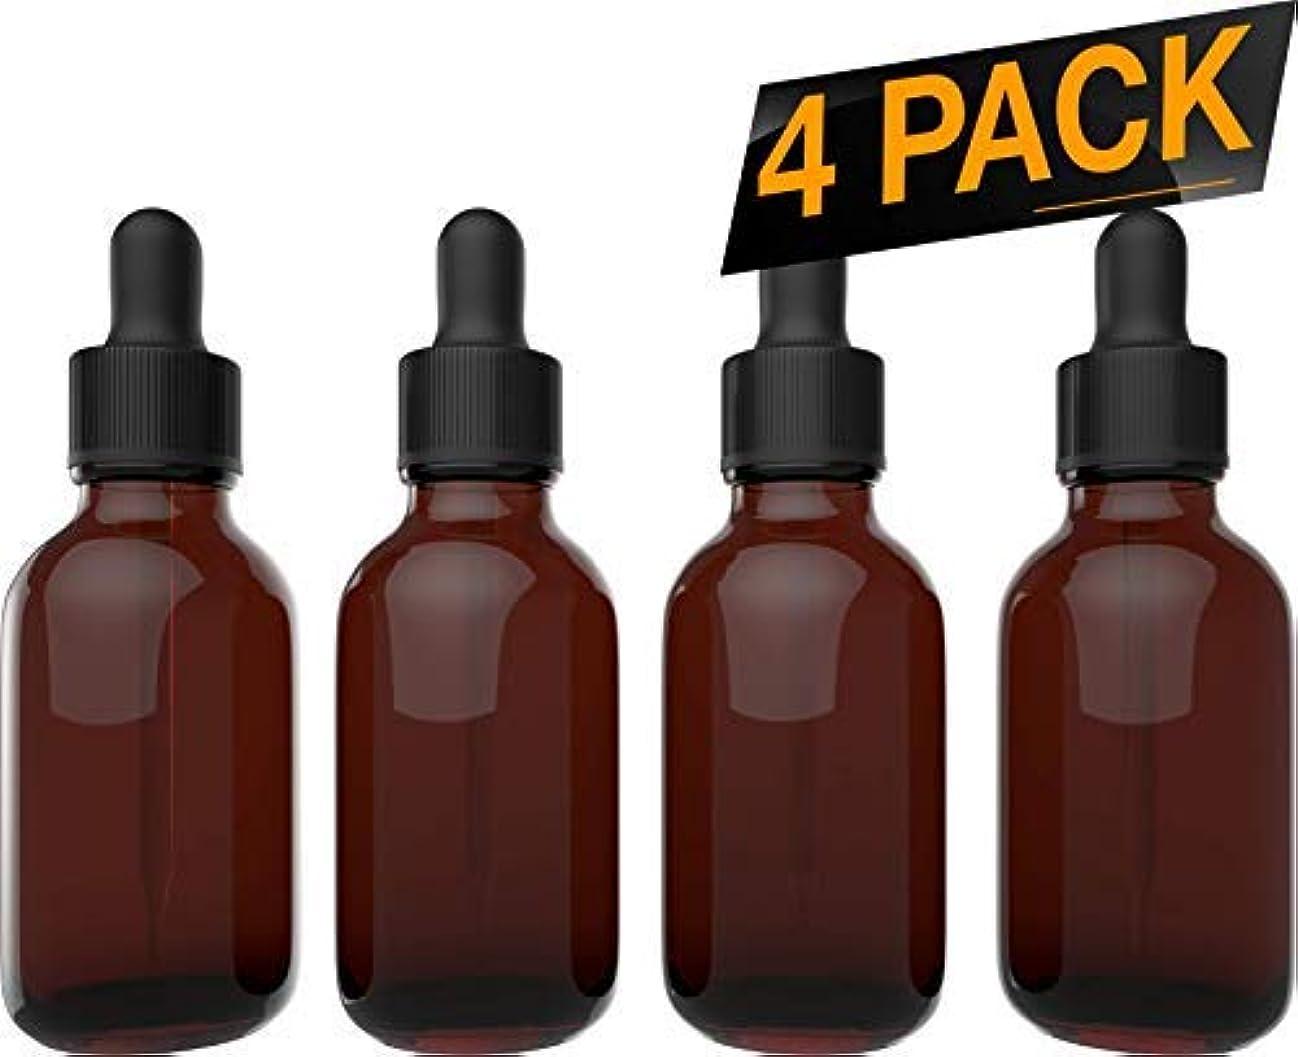 地質学分析的な小競り合いEssential Oil Bottles - Round Boston Empty Refillable Amber Bottle with Glass Dropper for Liquid Aromatherapy...